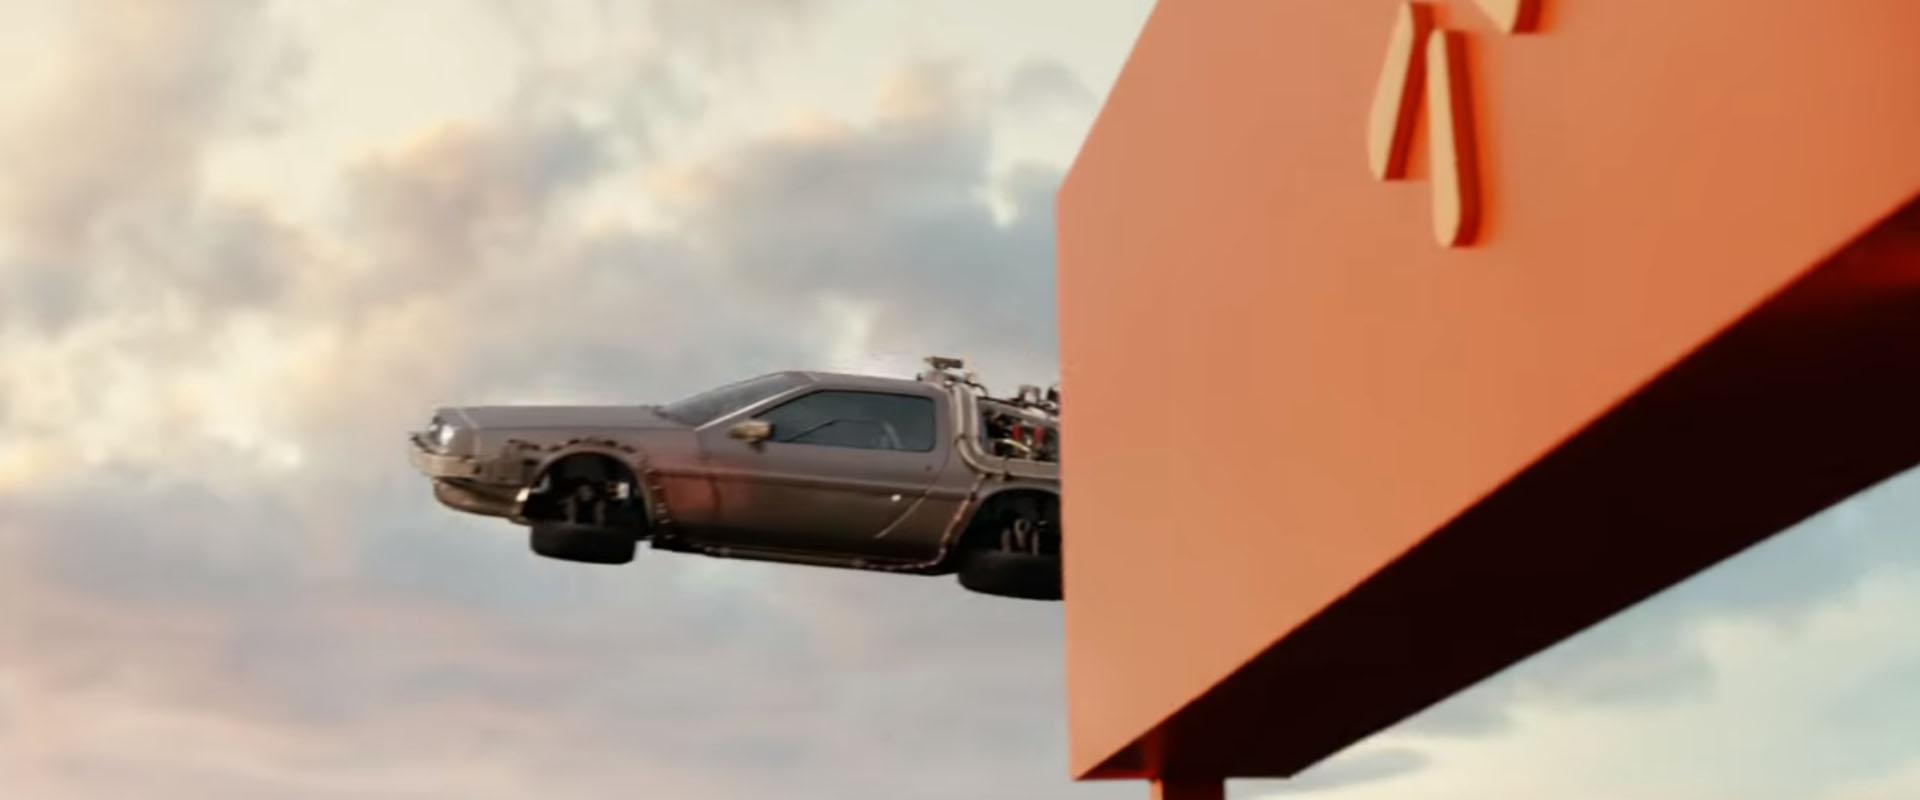 Ретка глетка: Сите најпопуларни филмски возила на едно место / ВИДЕО